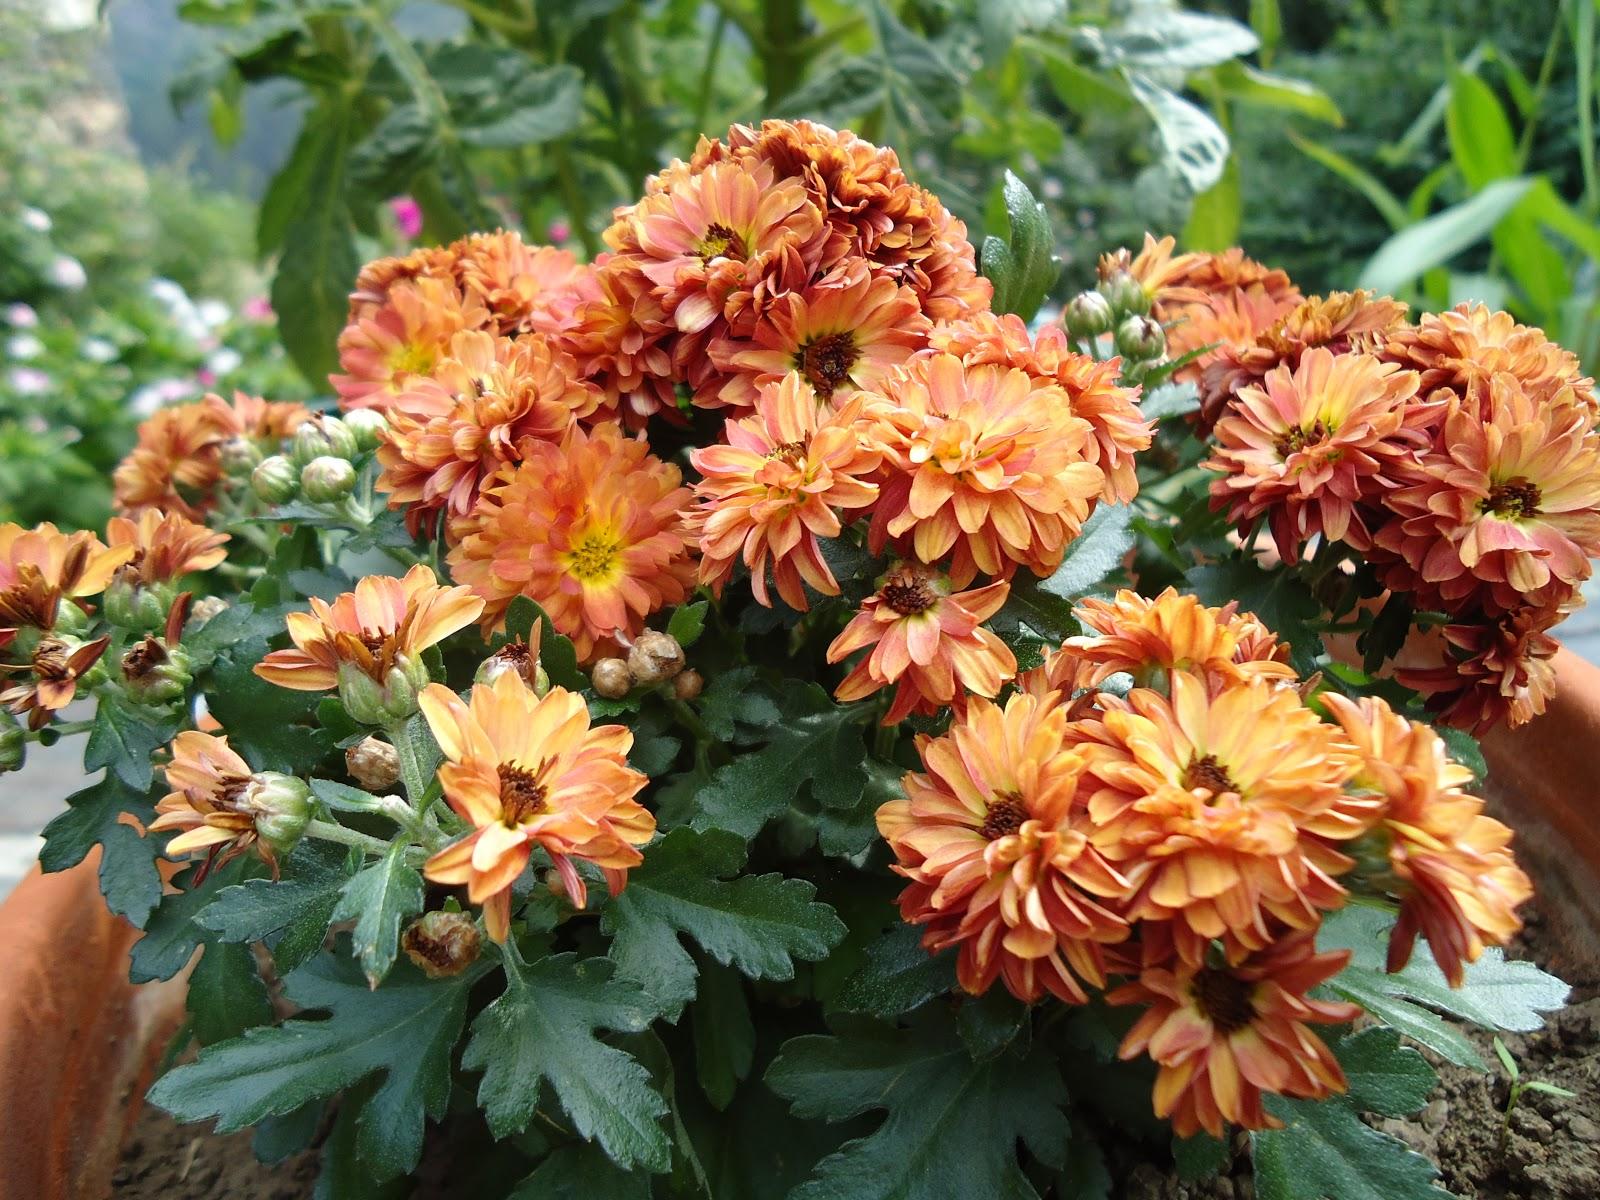 La biosfera de lola las ltimas flores de mi jardin - Los jardines de lola ...